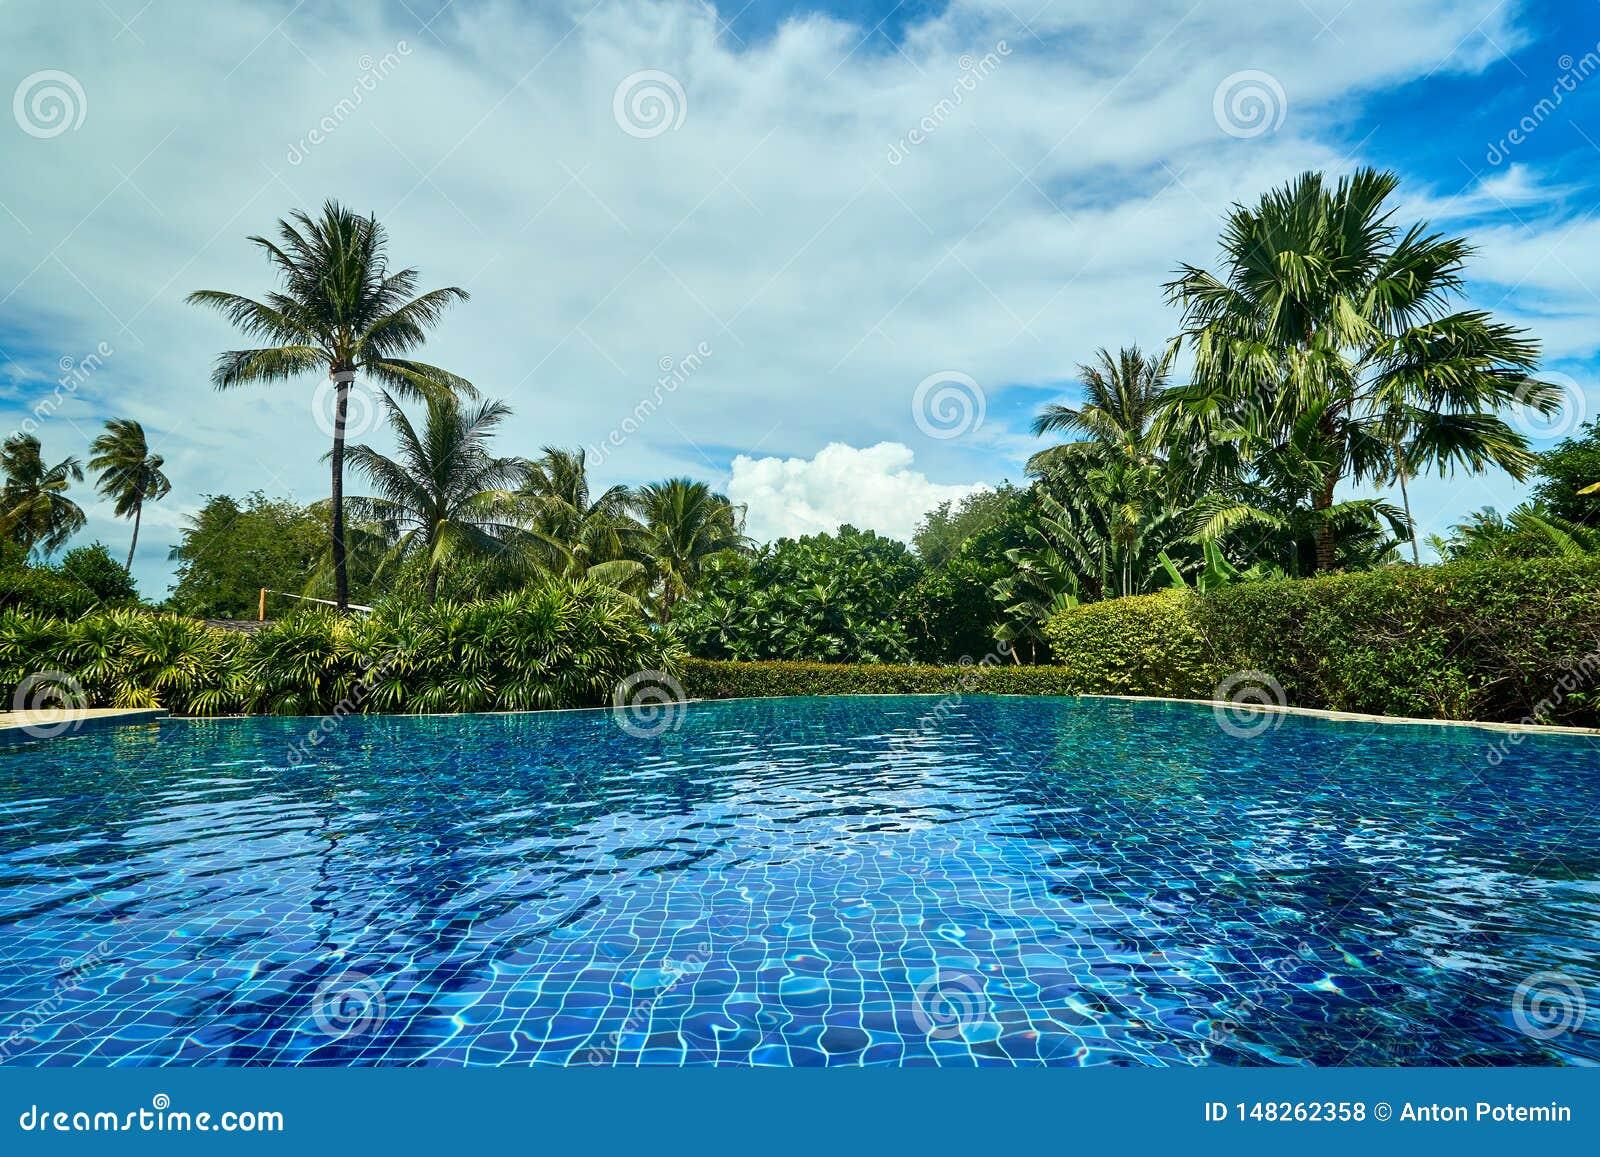 Outstandidngmening van zwembad in Thailand